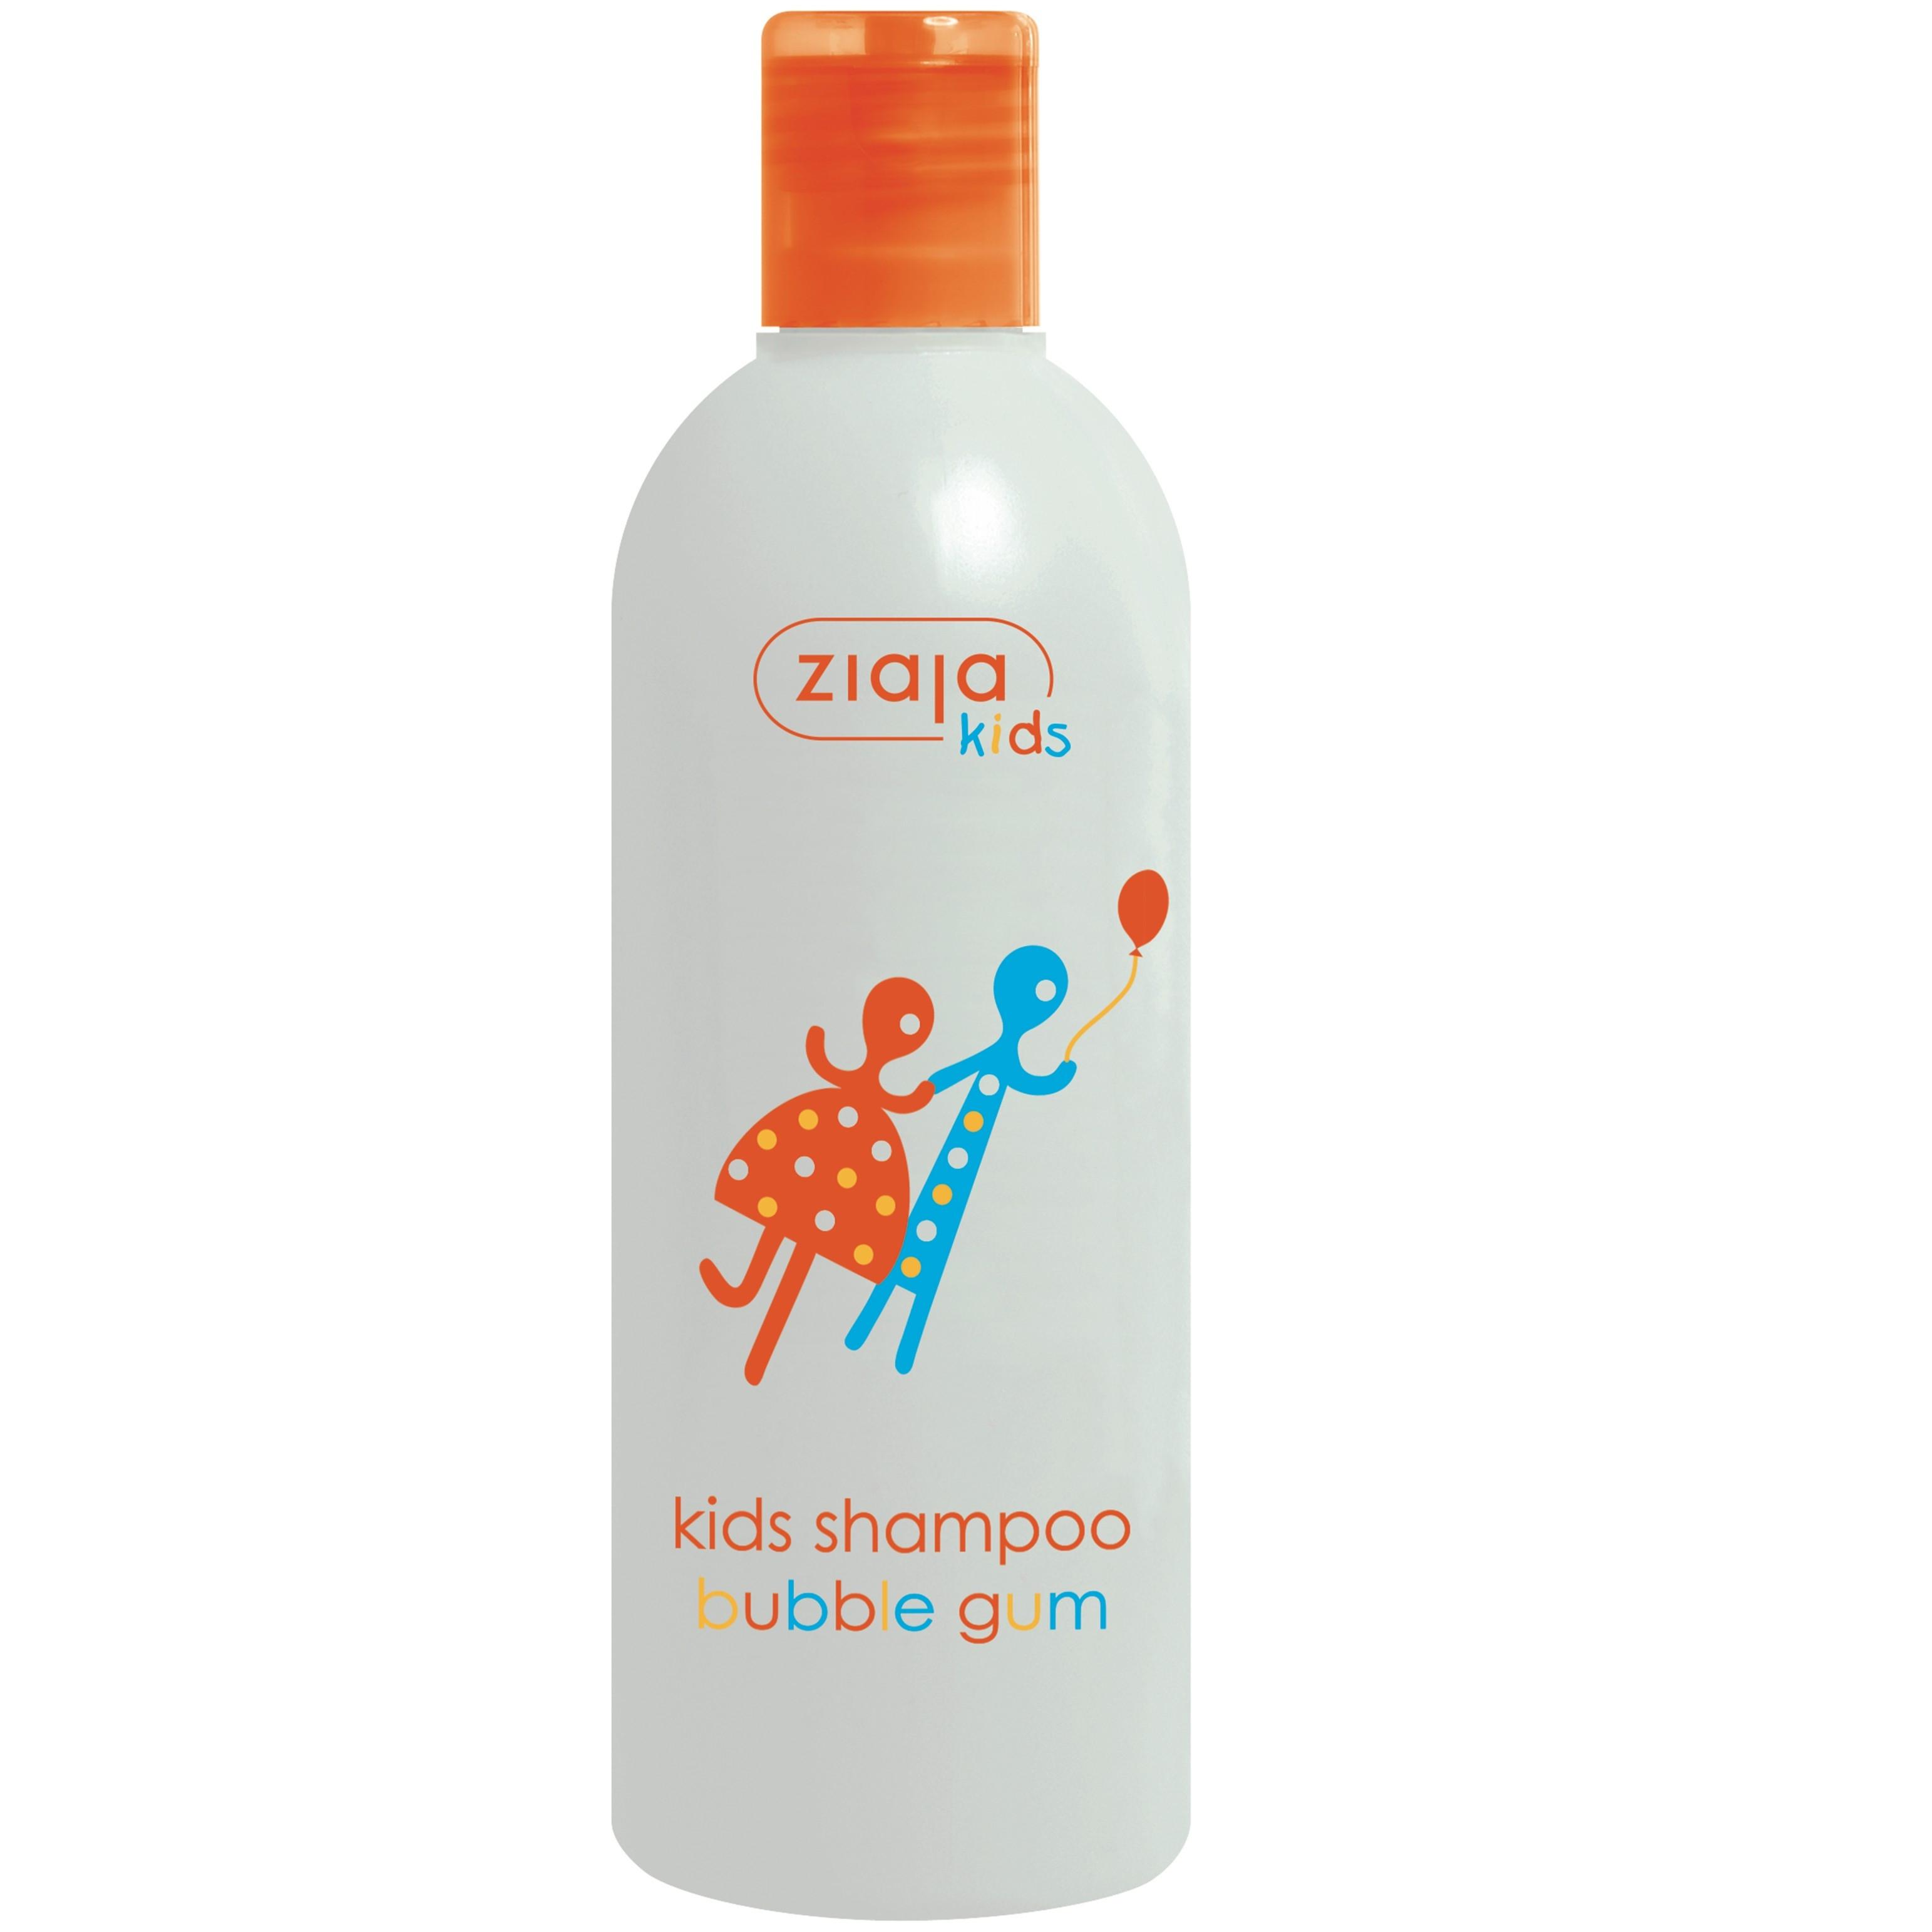 ЖАЯ За деца шампоан с аромат на дъвка 300мл | ZIAJA Kids shampoo bubble gum 300ml